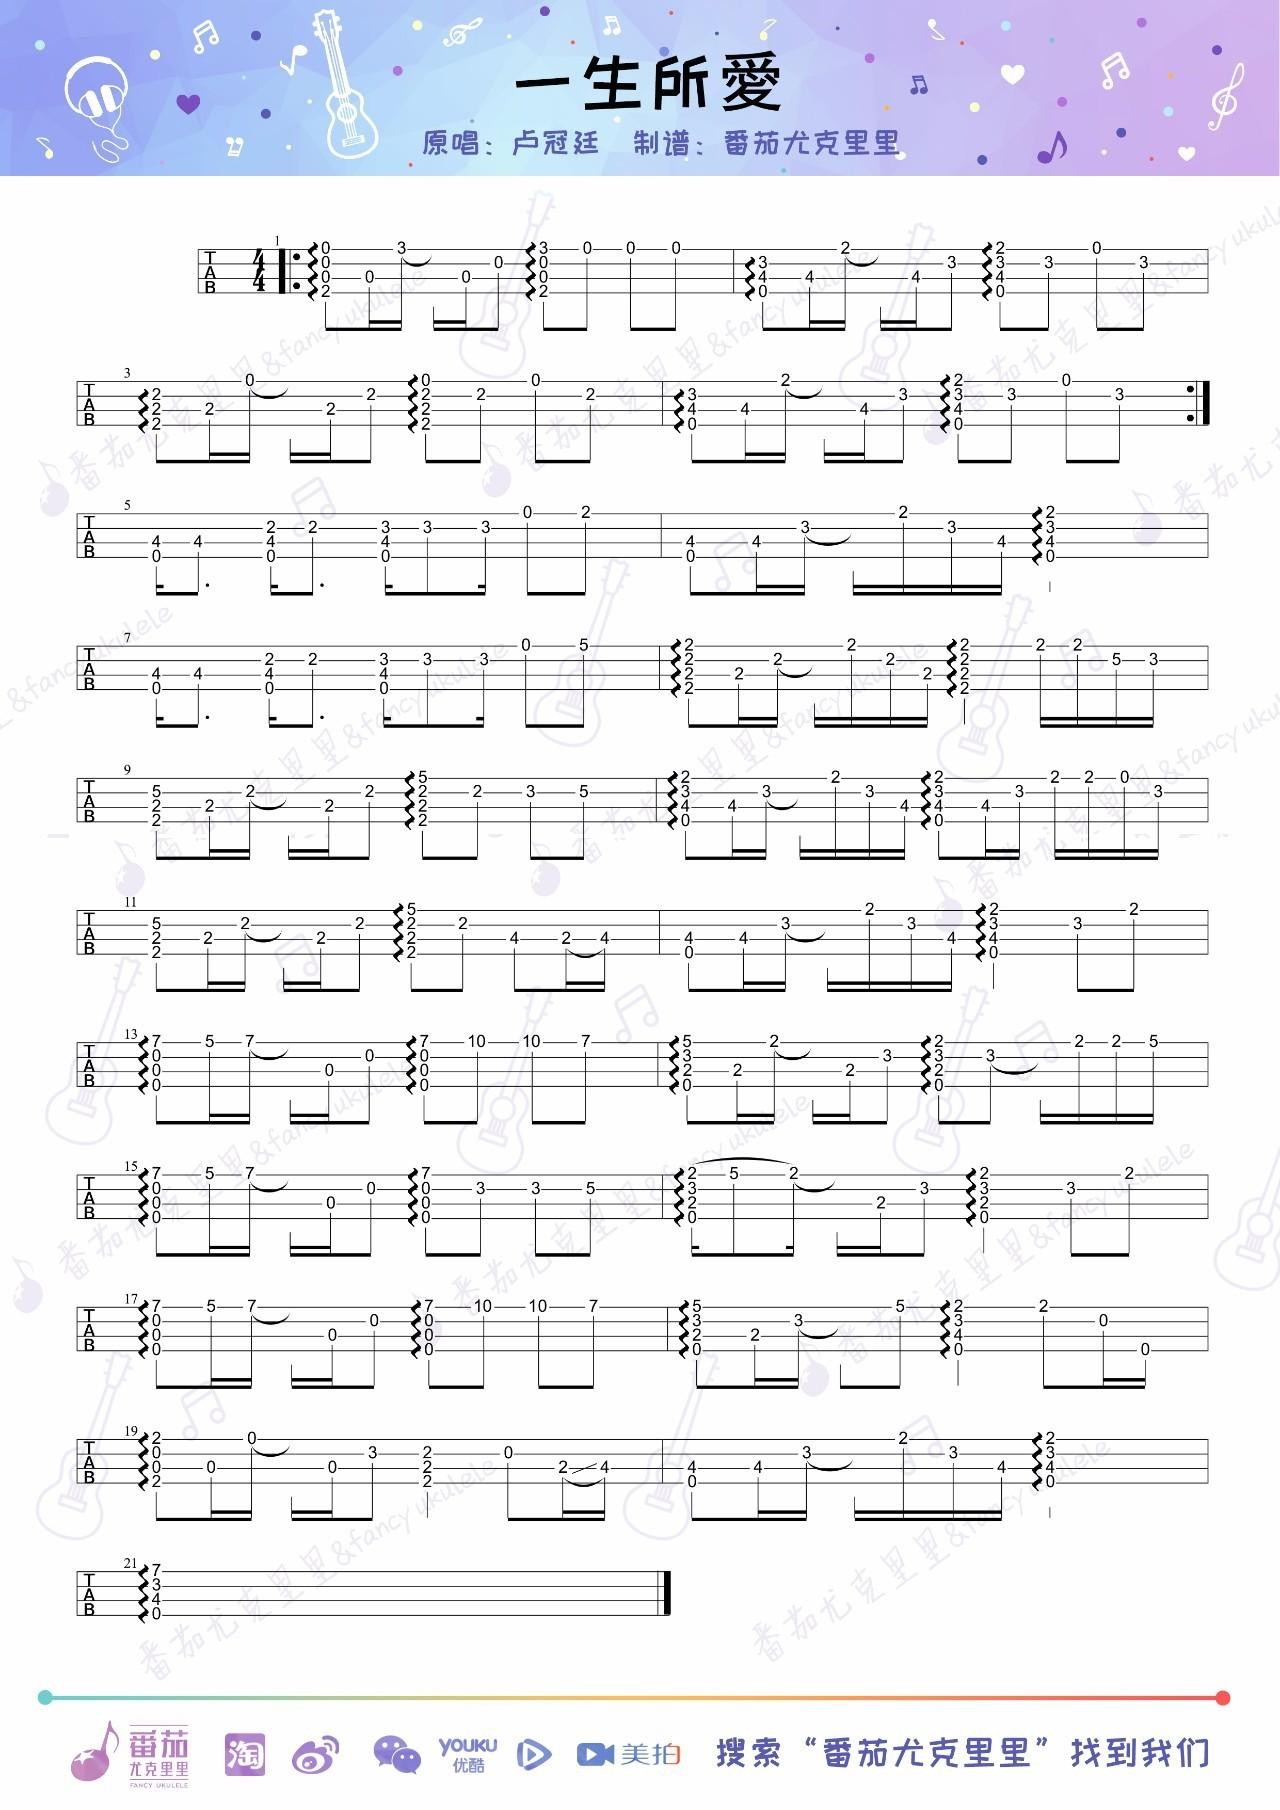 一生所爱 - 卢冠廷 ukulele指弹教程